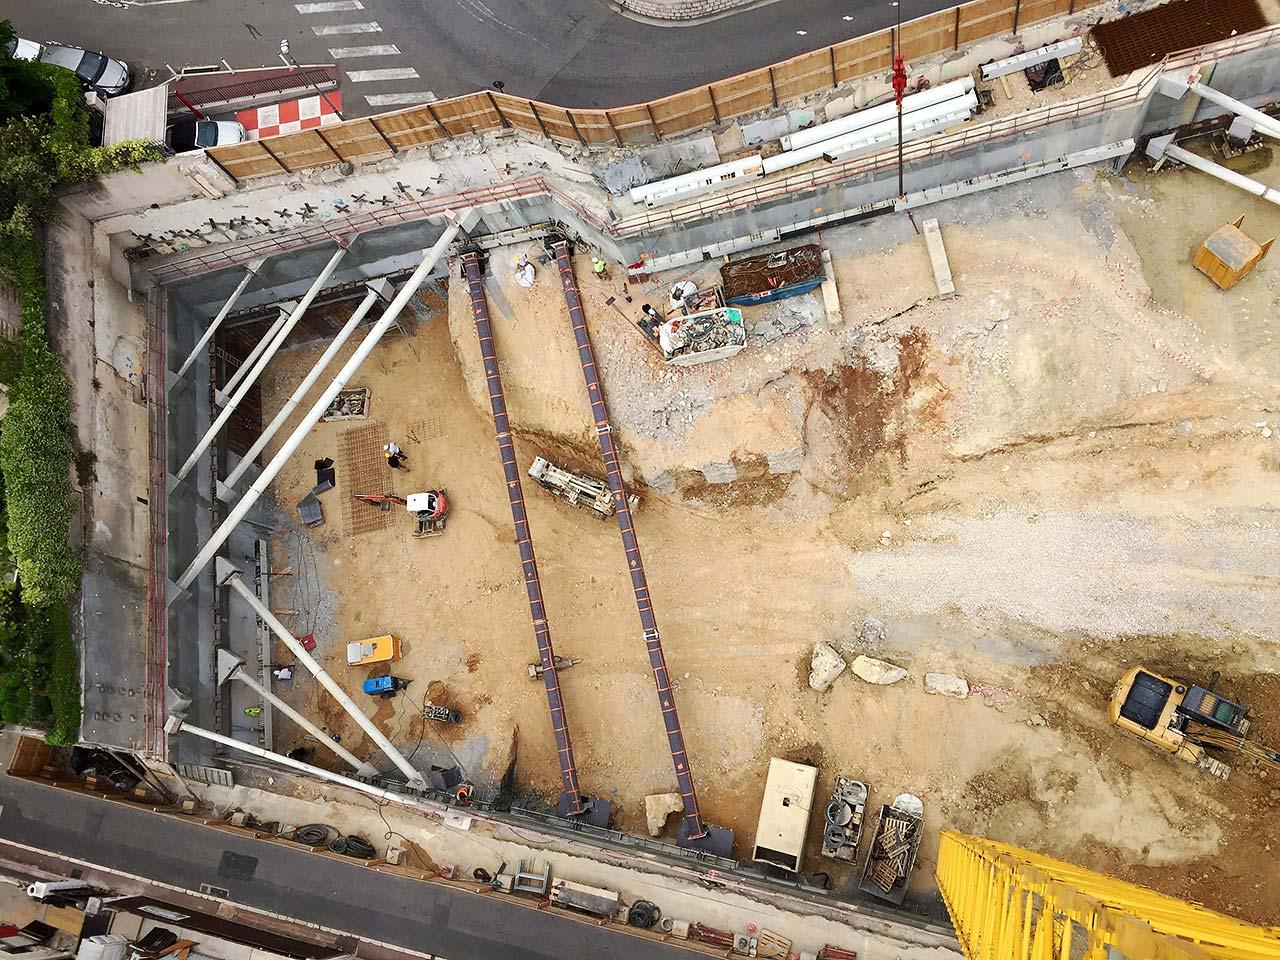 immagine del cantiere dall'alto